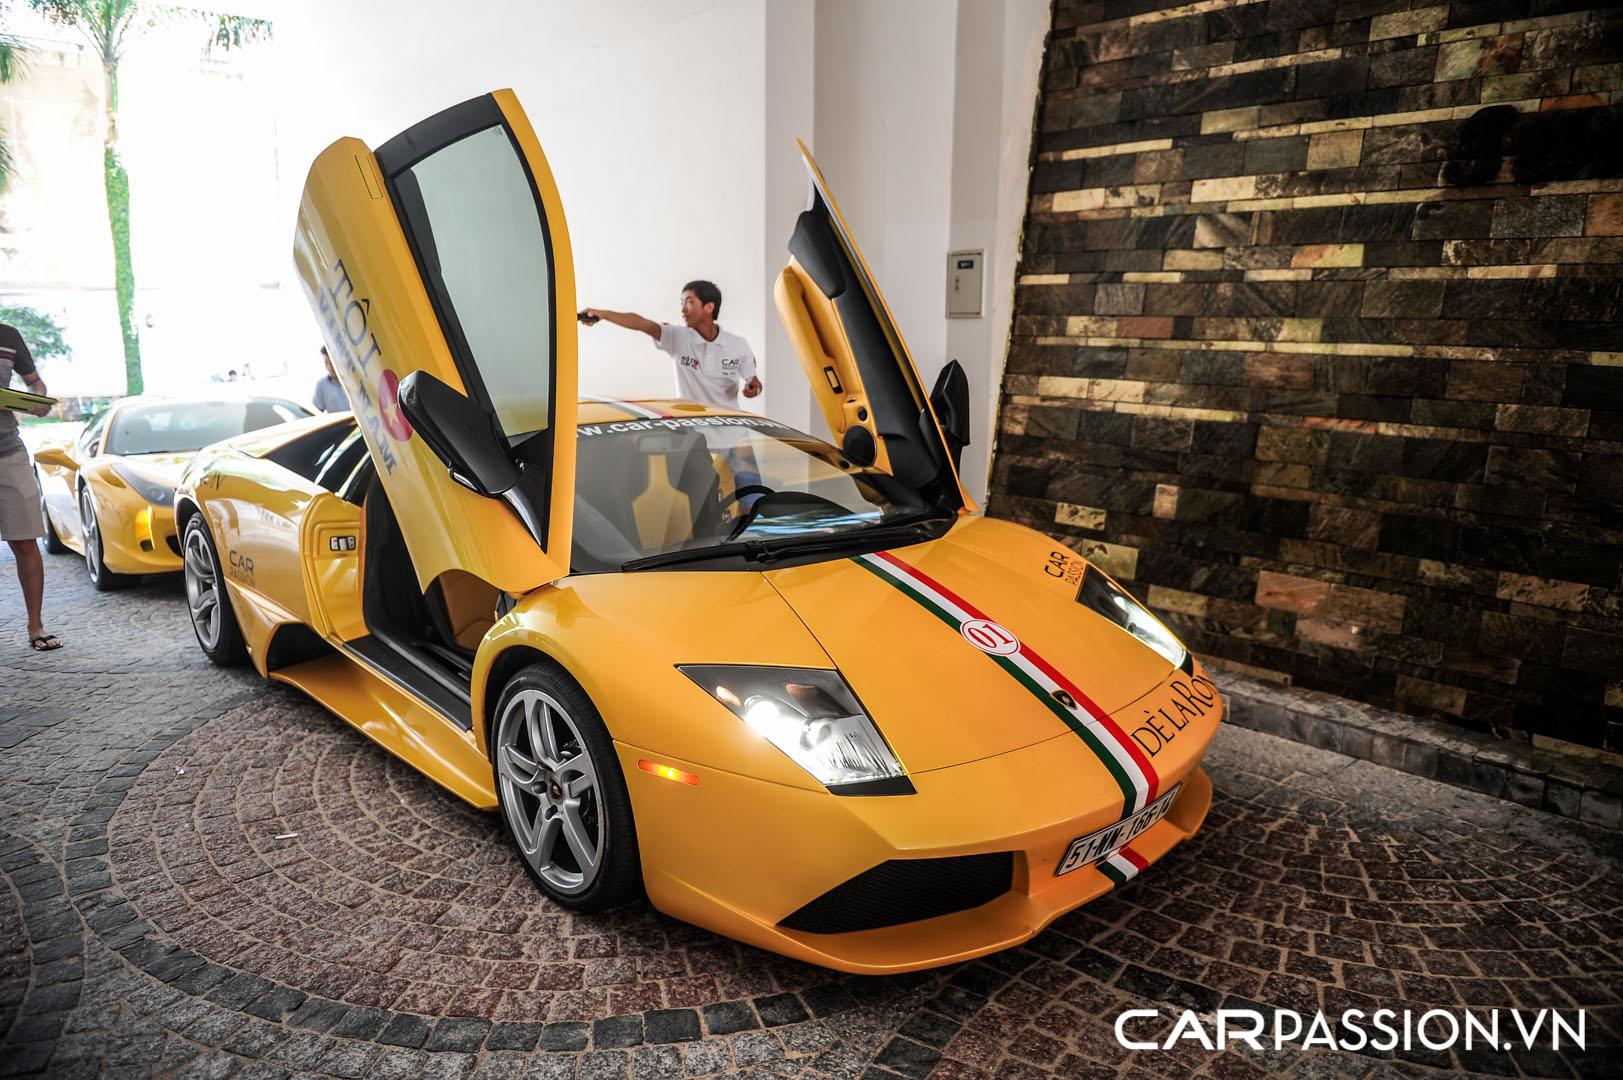 CP-Hành trình siêu xe CarPassion 2011 Day 3 (5).jpg